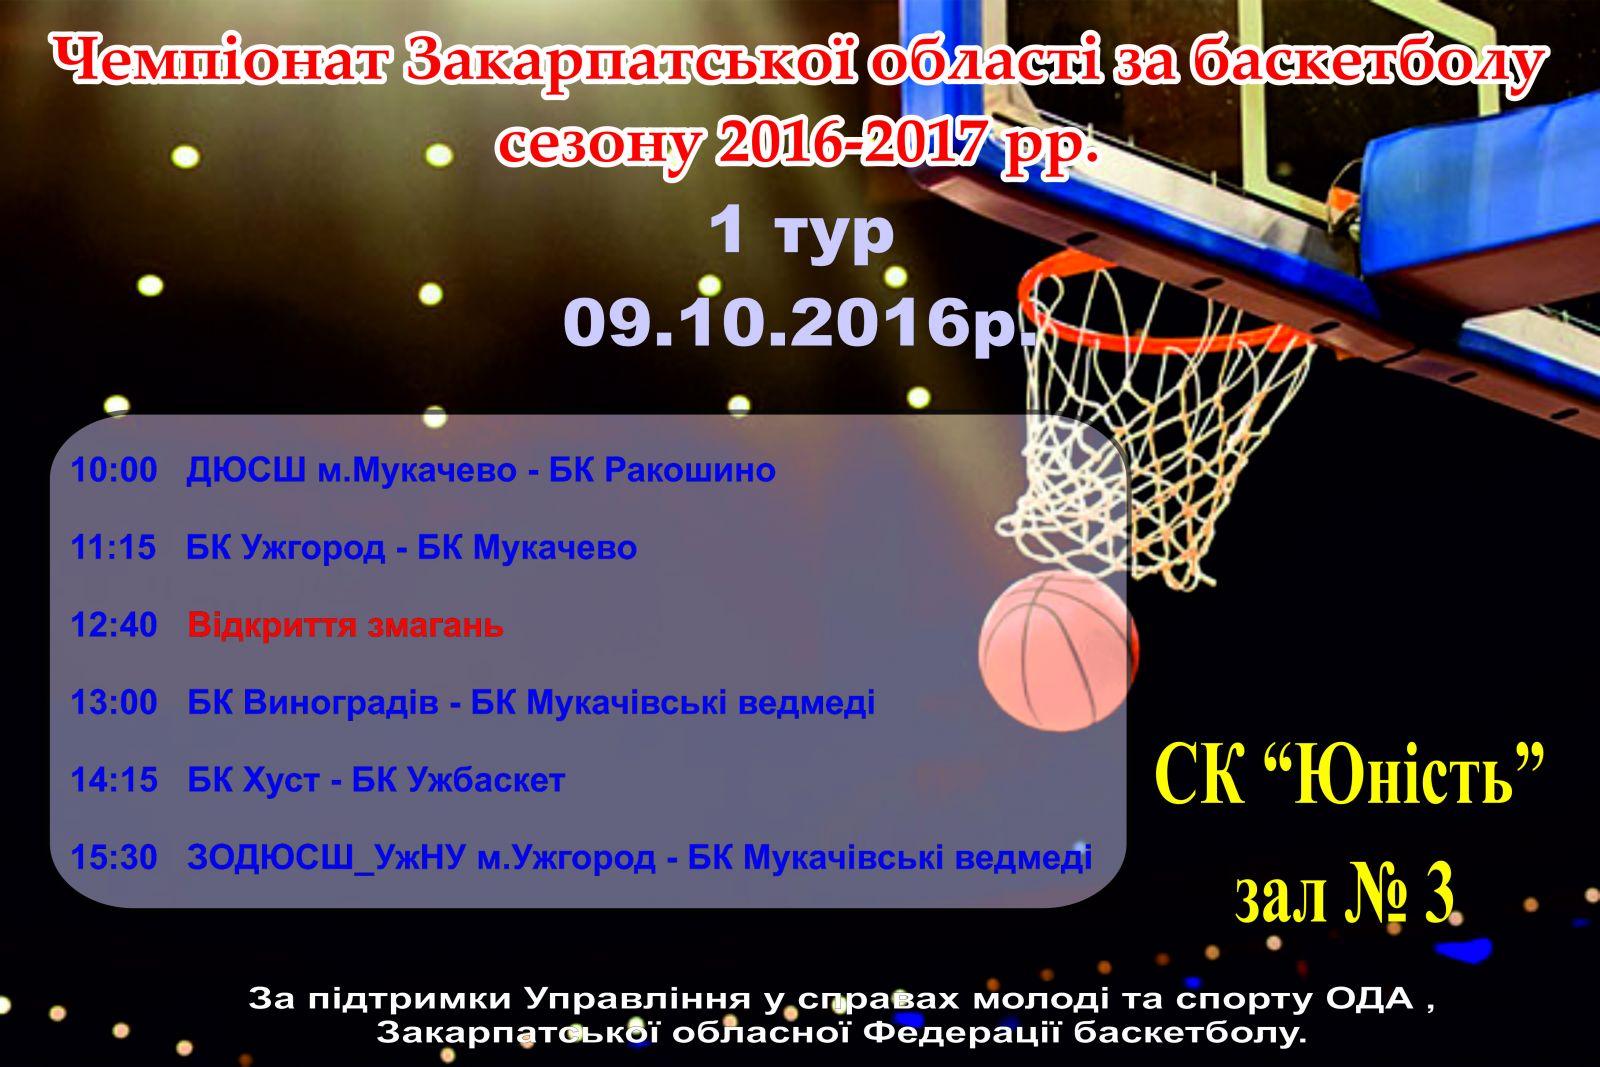 Чемпіонат Закарпаття з баскетболу стартує сьогодні